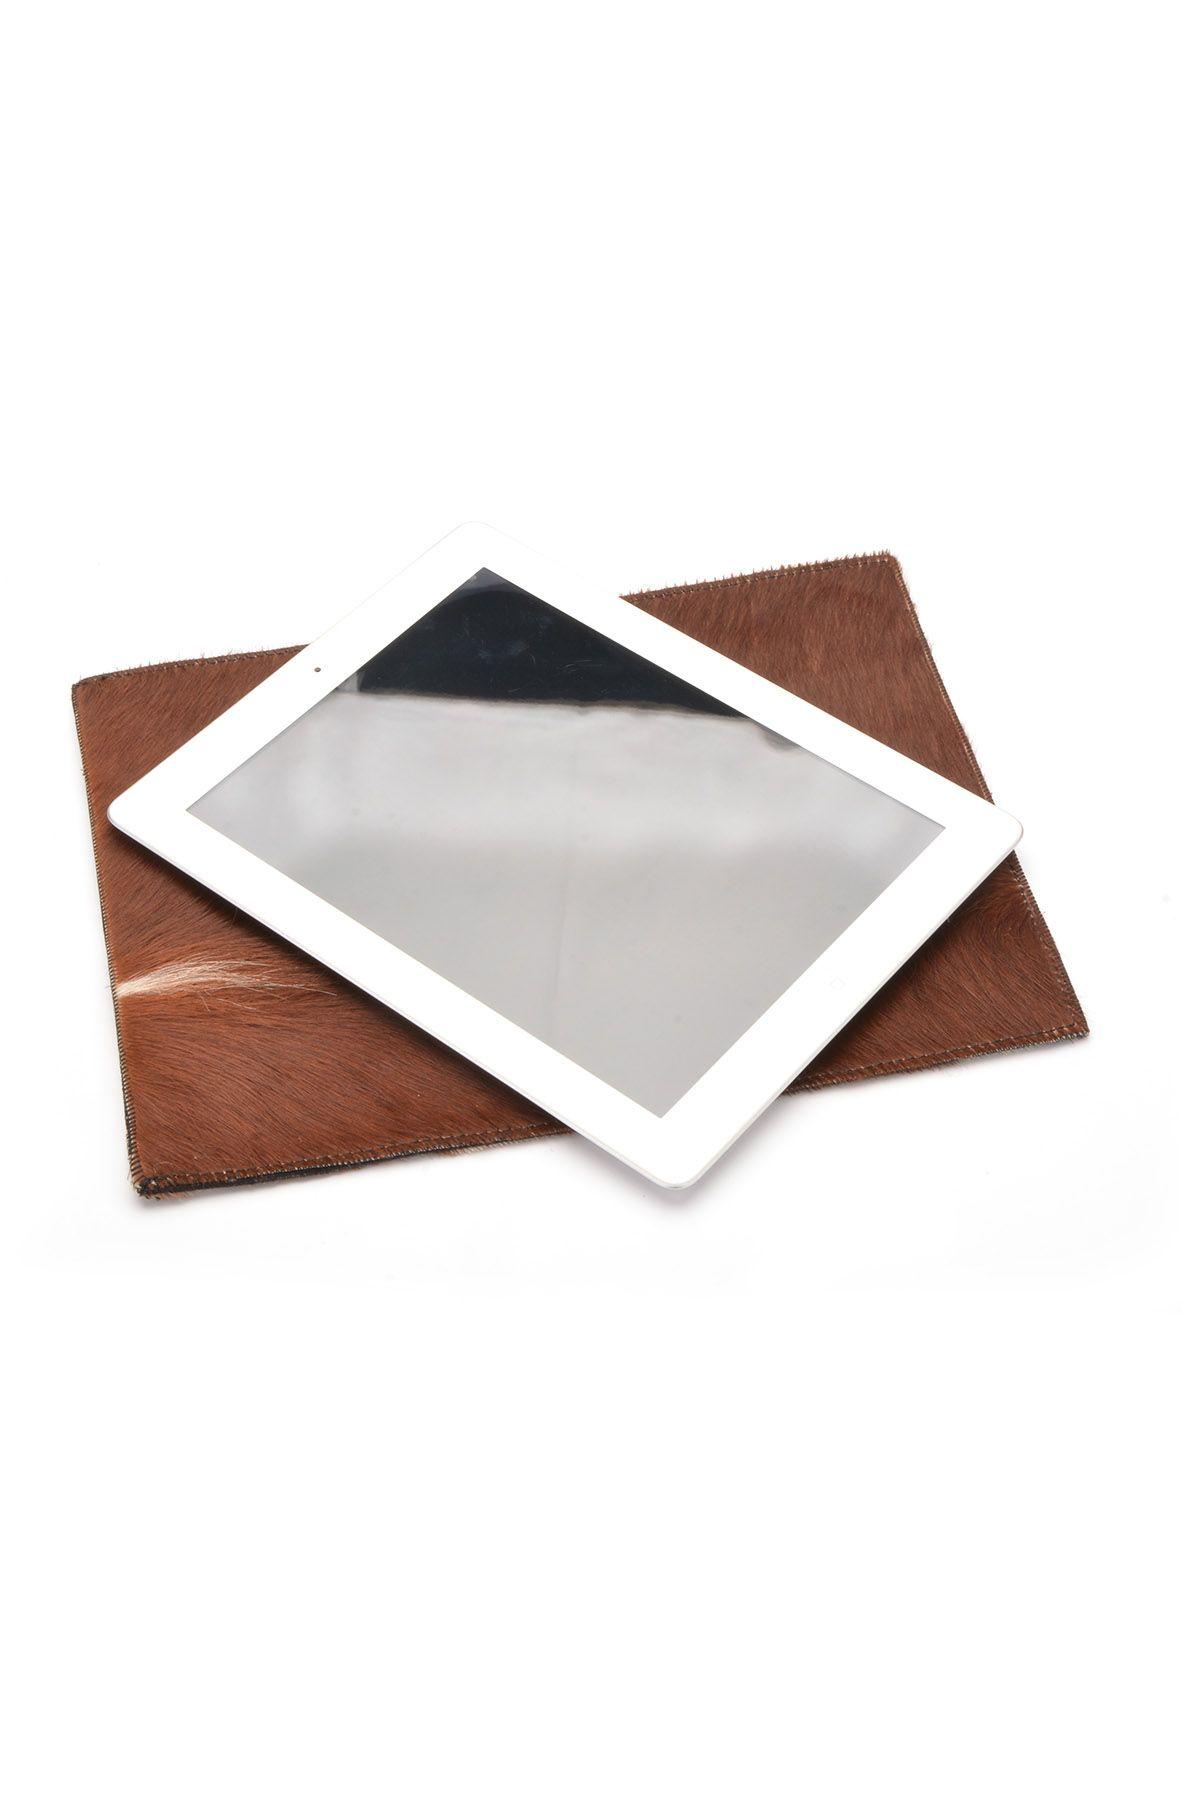 Pegia Hakiki Cavallino Deri Tablet Kılıfı 17AU03 Naturel